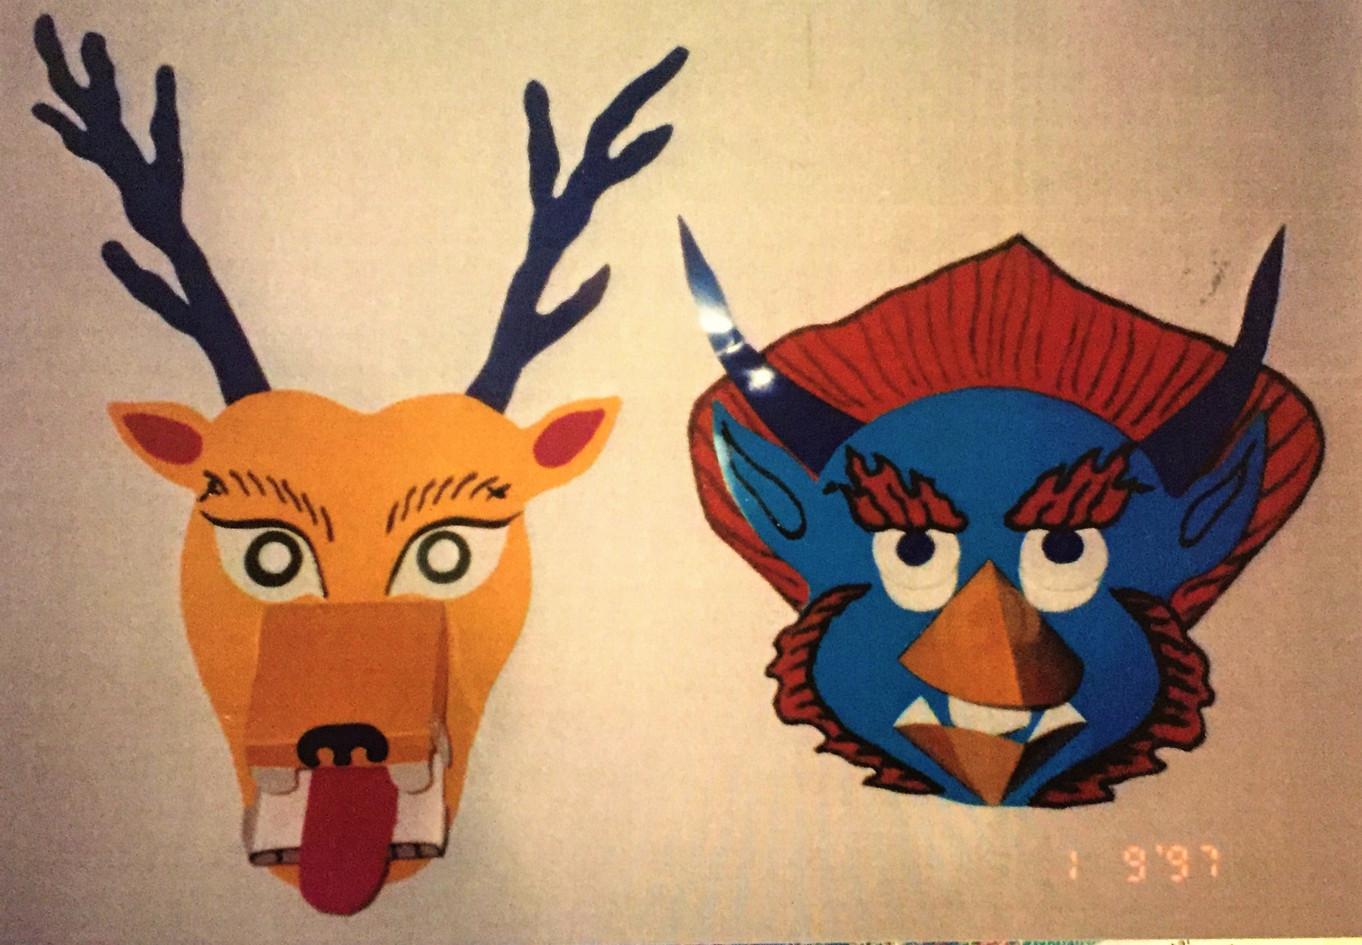 Deer and Garuda masks for children, 1997